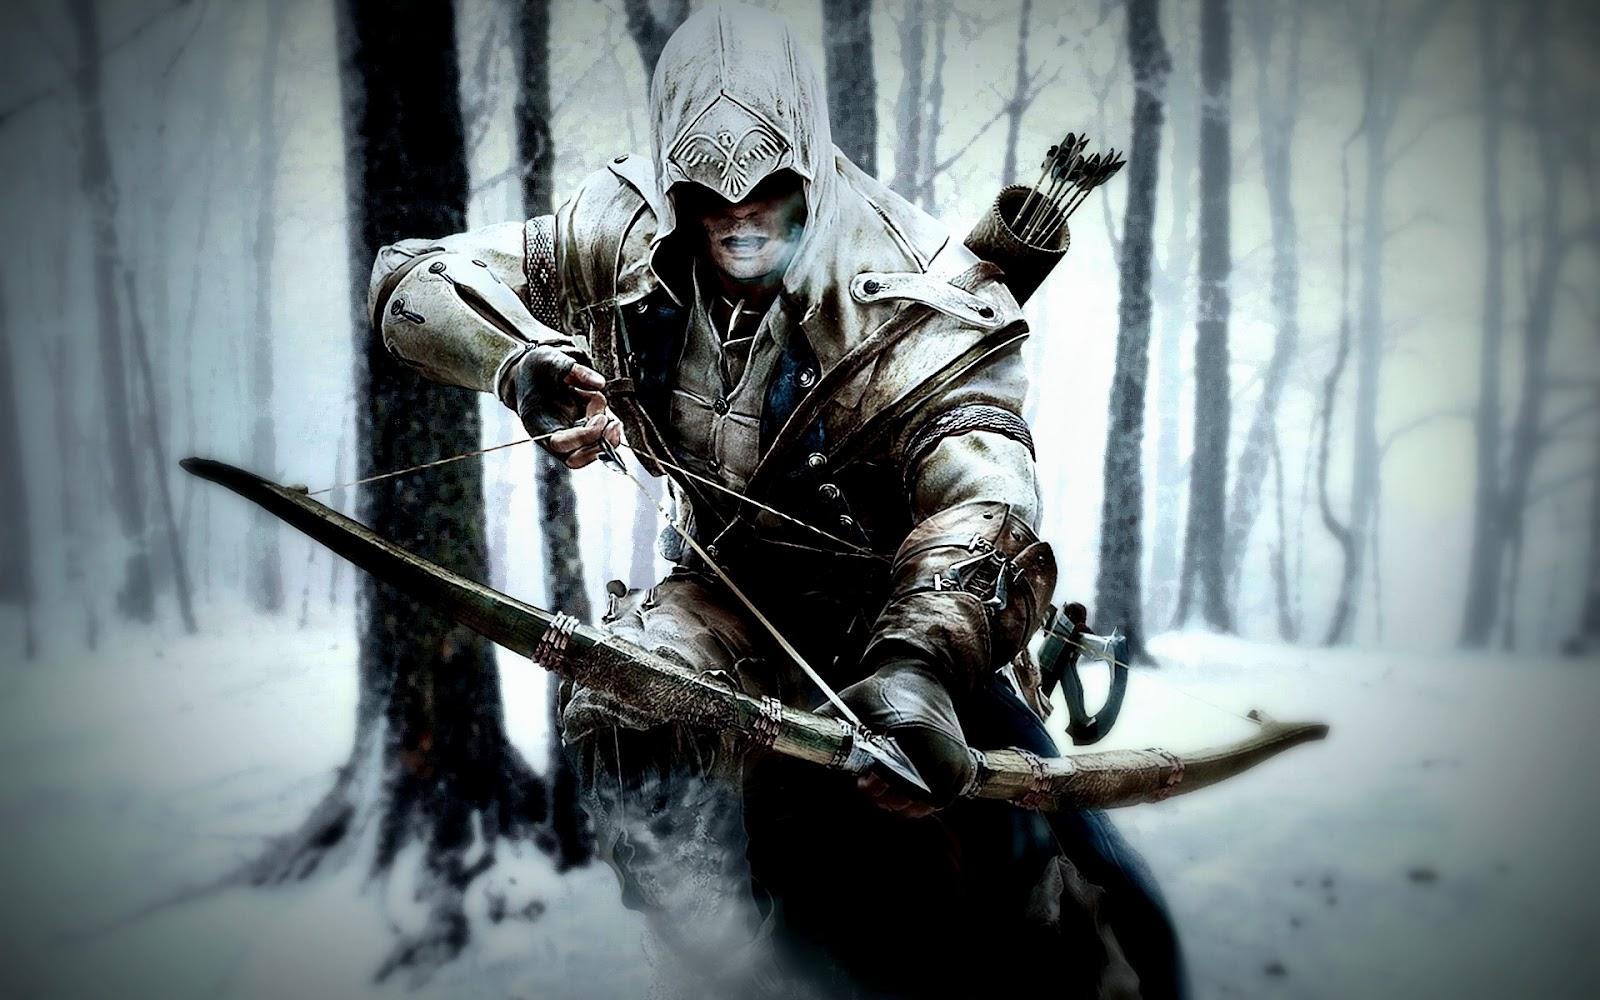 http://2.bp.blogspot.com/-LtS59EJxPJo/USMlZ0-mUOI/AAAAAAAAAHE/ojNE-es1IX4/s1600/Connor-Keeway-Ready-to-Shoot-Arrow-Assassins-Creed-3-HD-Wallpaper_Vvallpaper.Net_.jpg